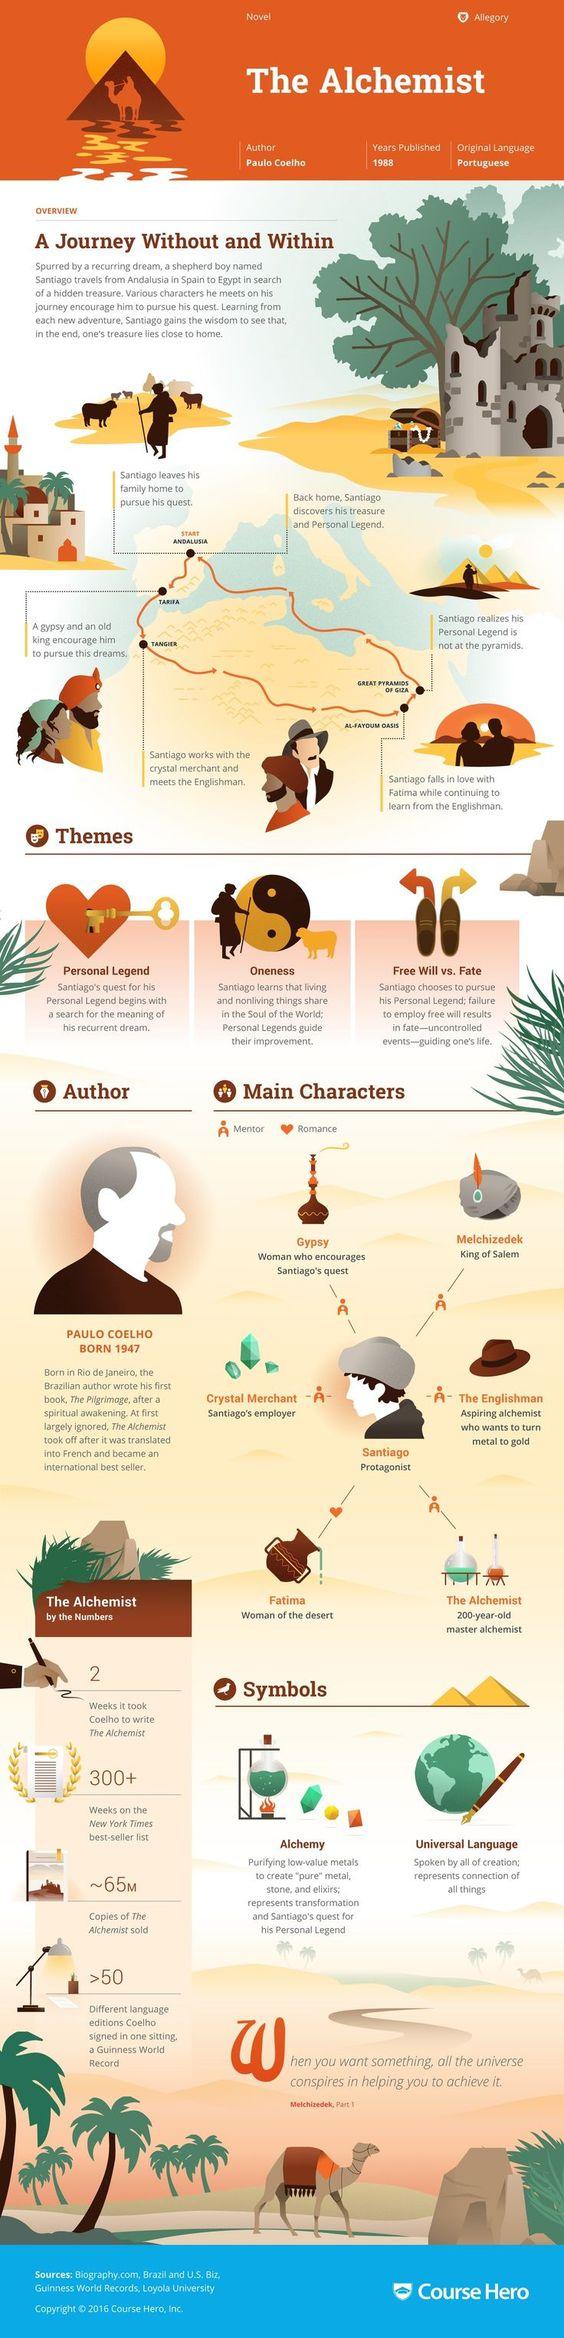 The Alchemist Infographic   Course Hero